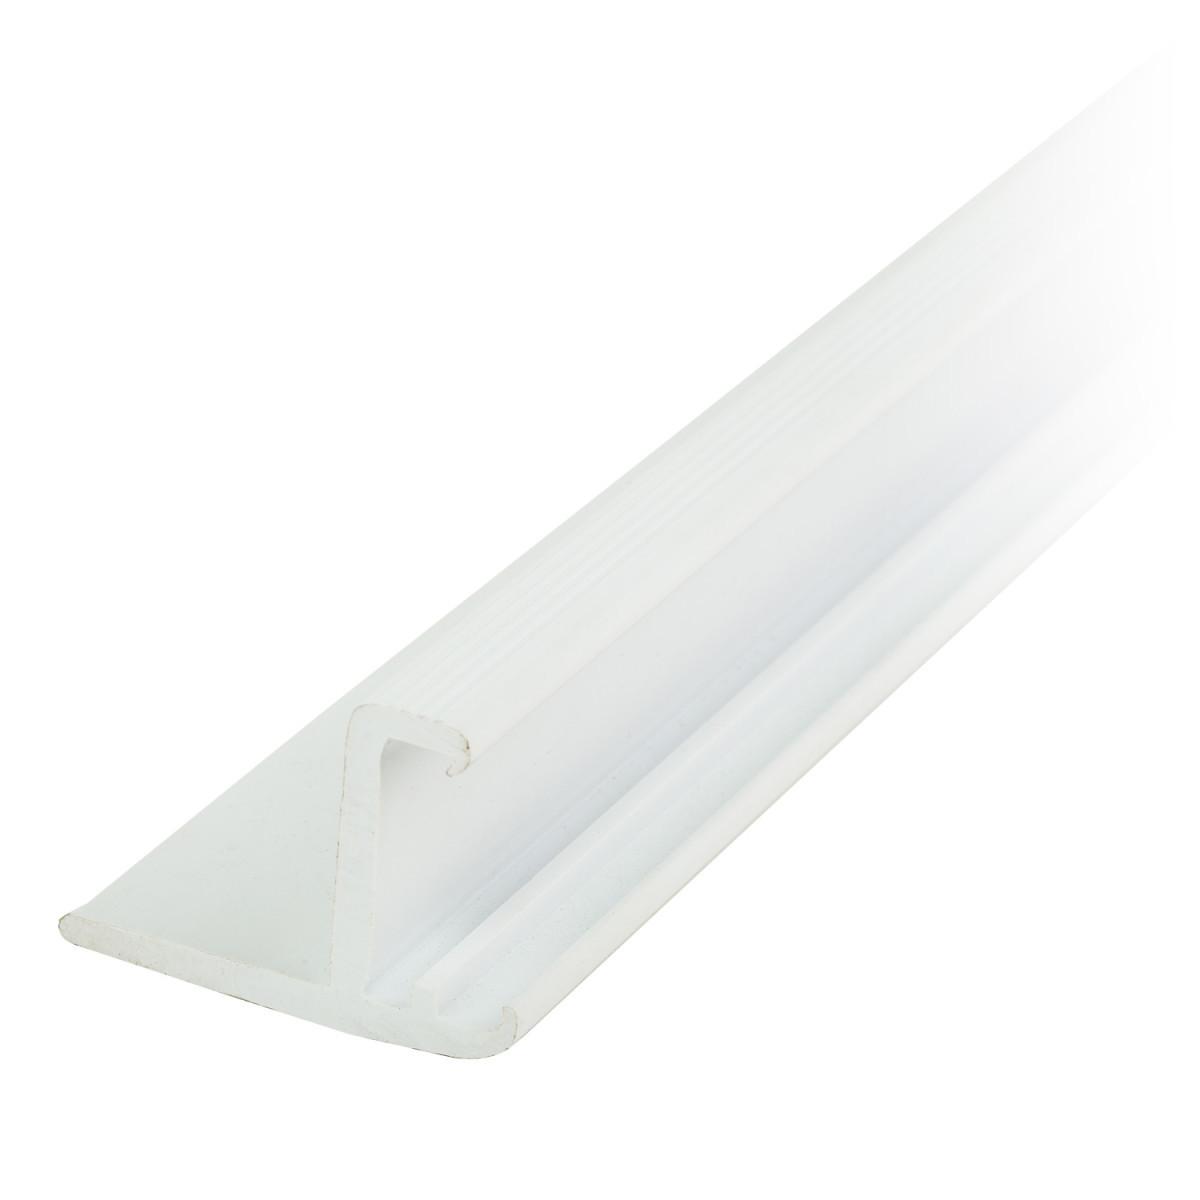 L-образный профиль Nexus для переливных решеток (25 мм)